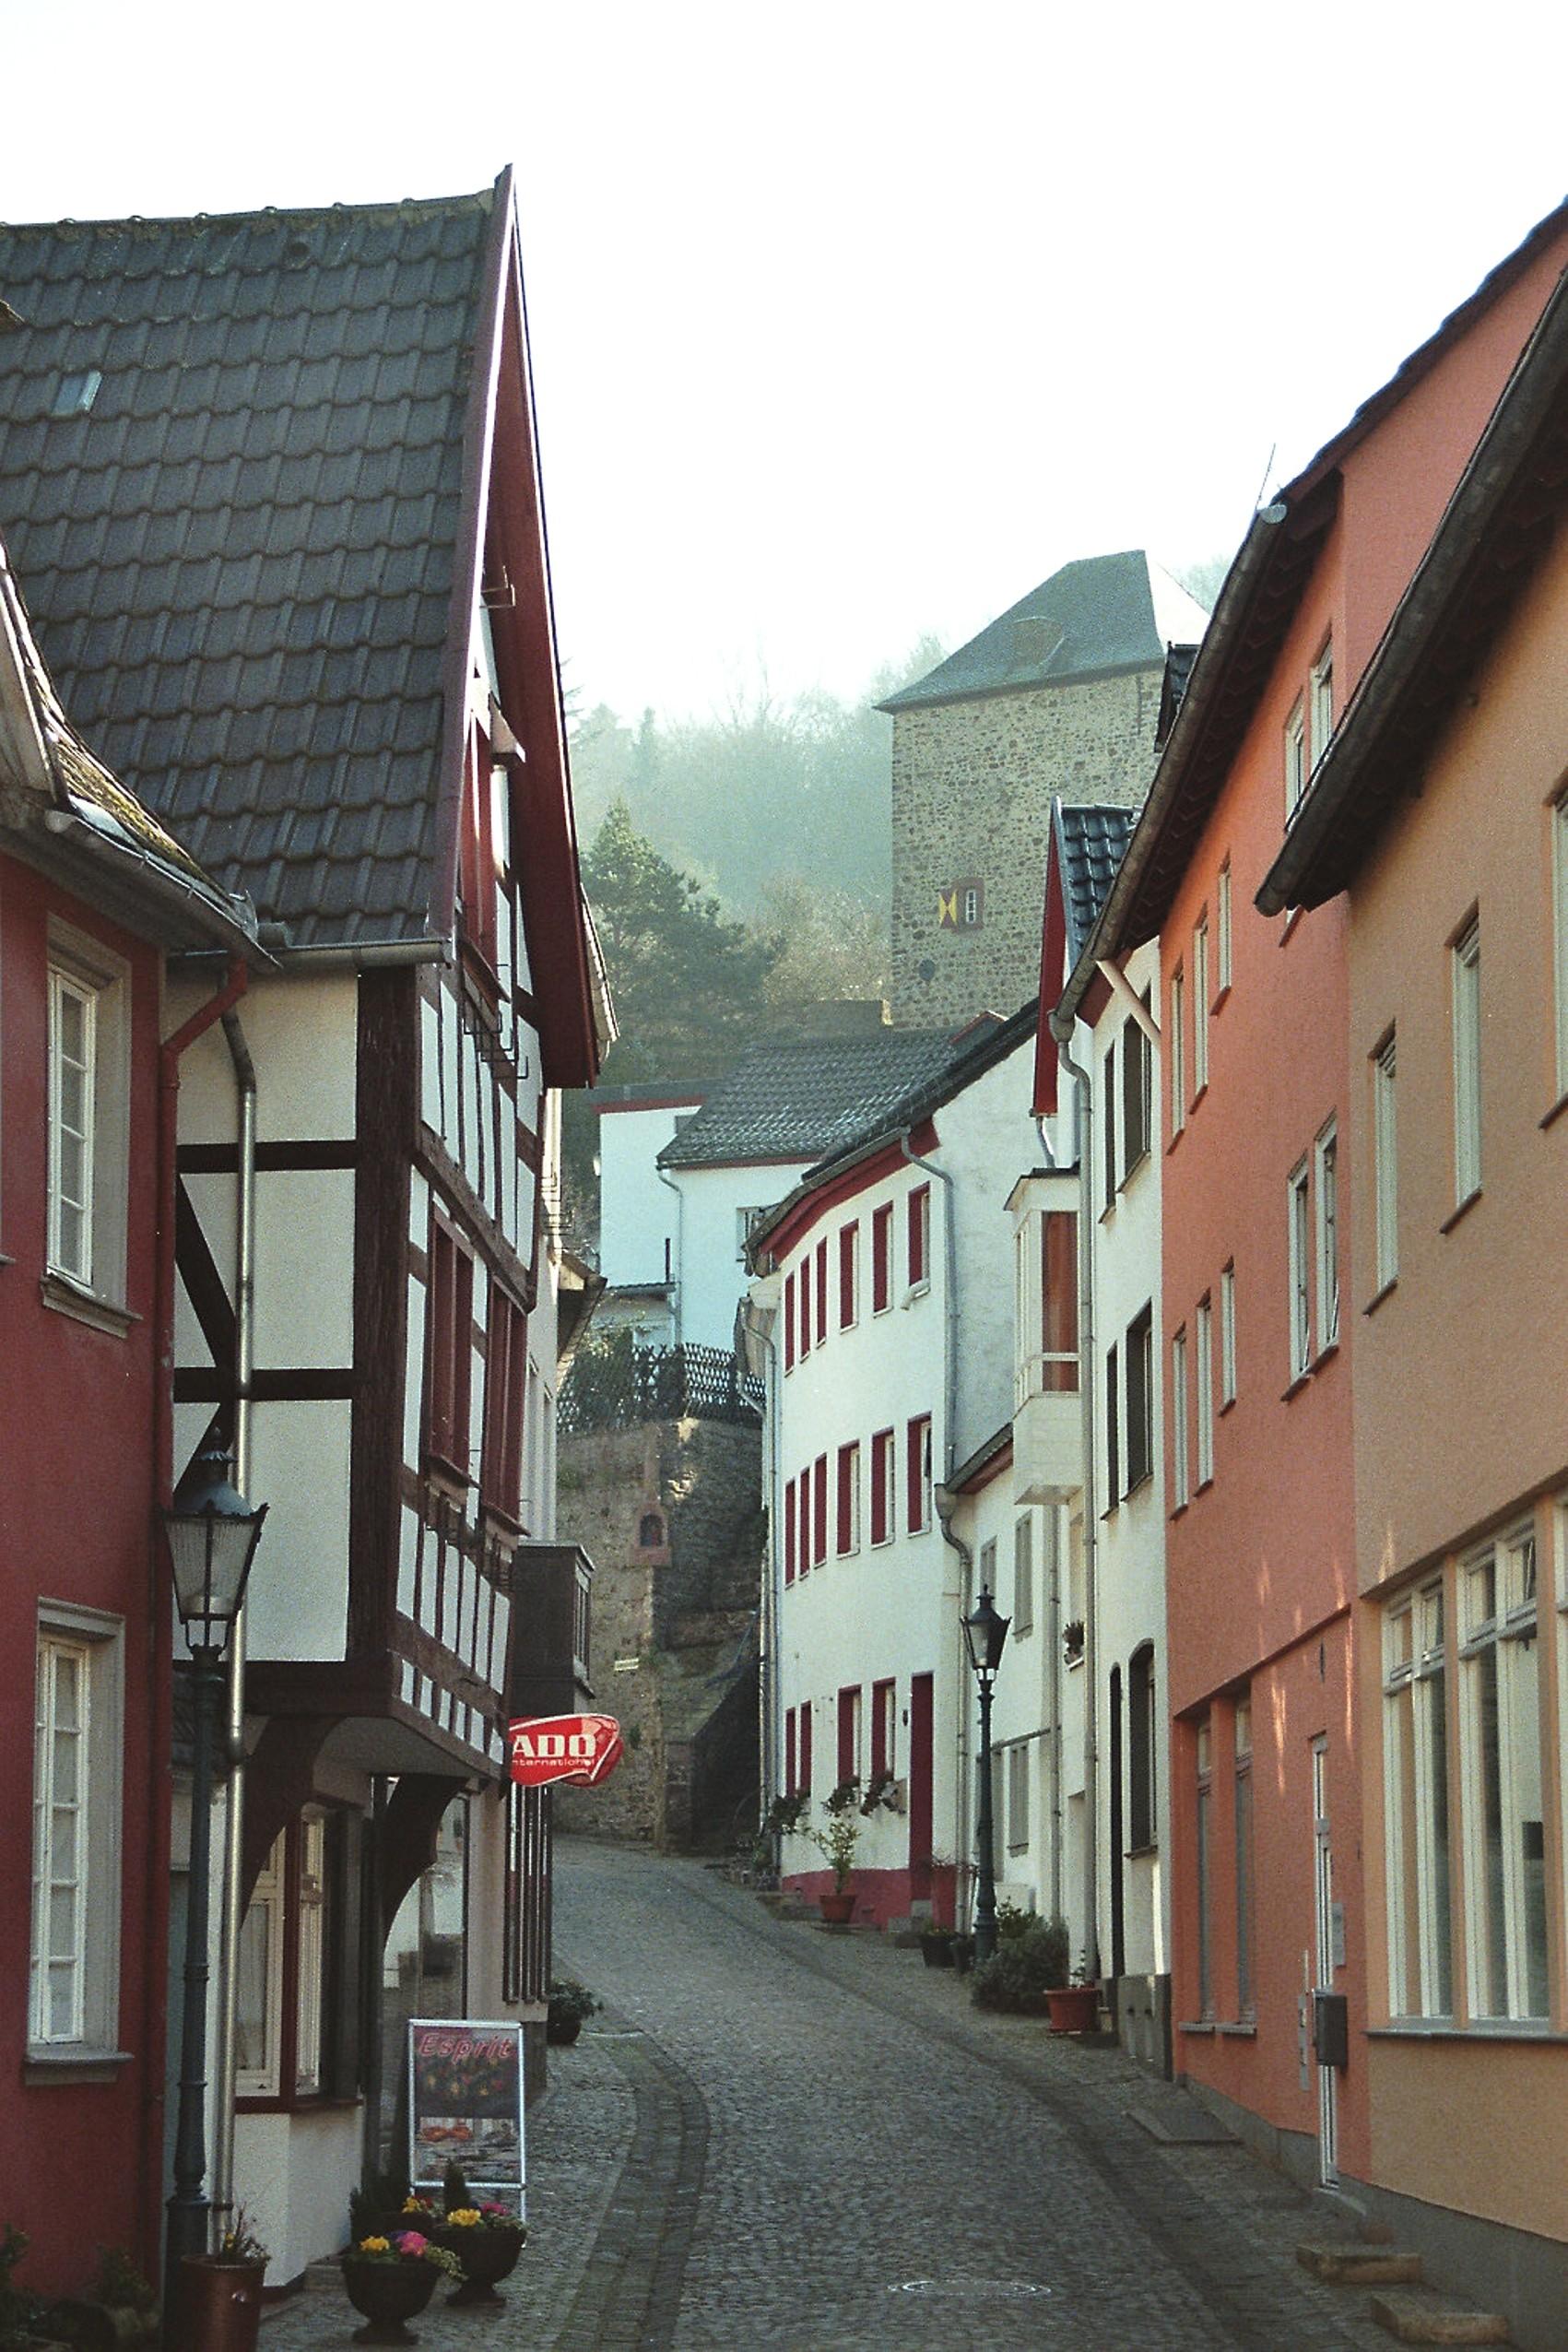 Großhandel bestbewerteter Beamter am modischsten File:Bad Münstereifel, die Johannisstraße.jpg - Wikimedia ...